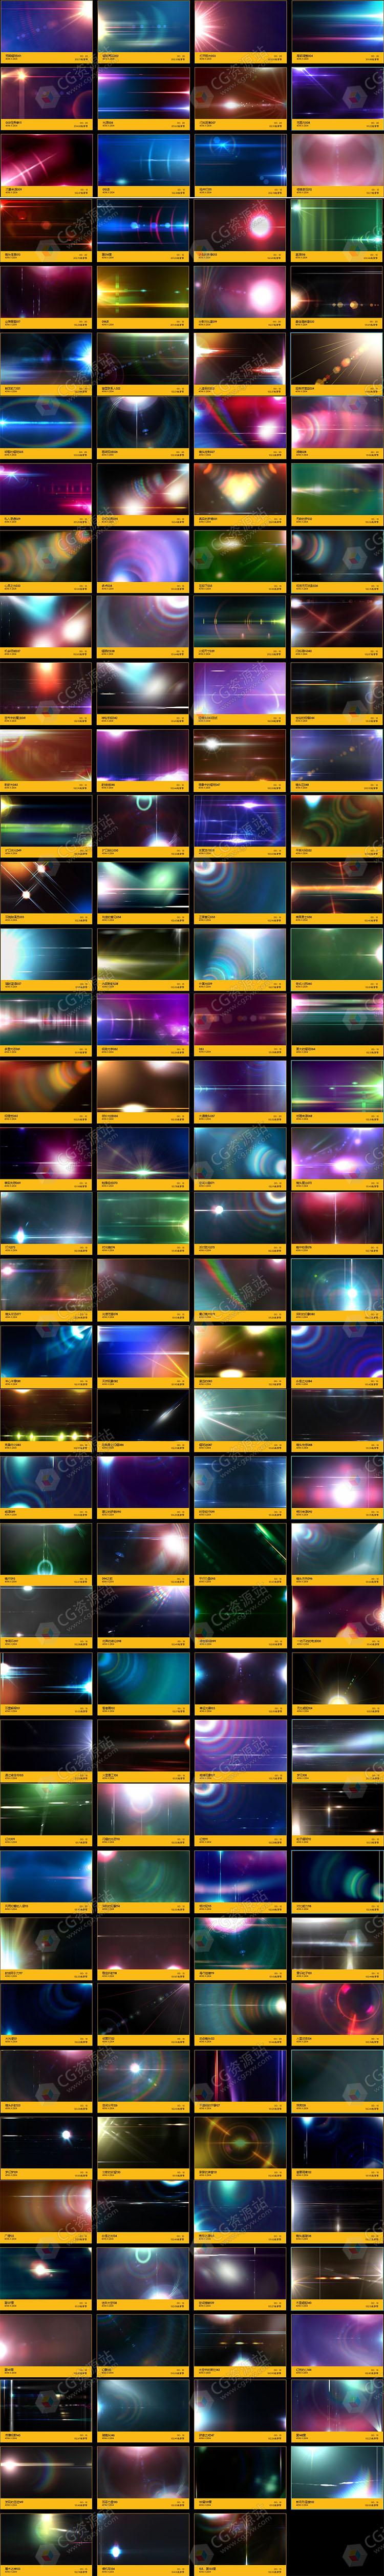 155组4K彩色闪耀镜头光晕耀斑光效视频素材 BB 03